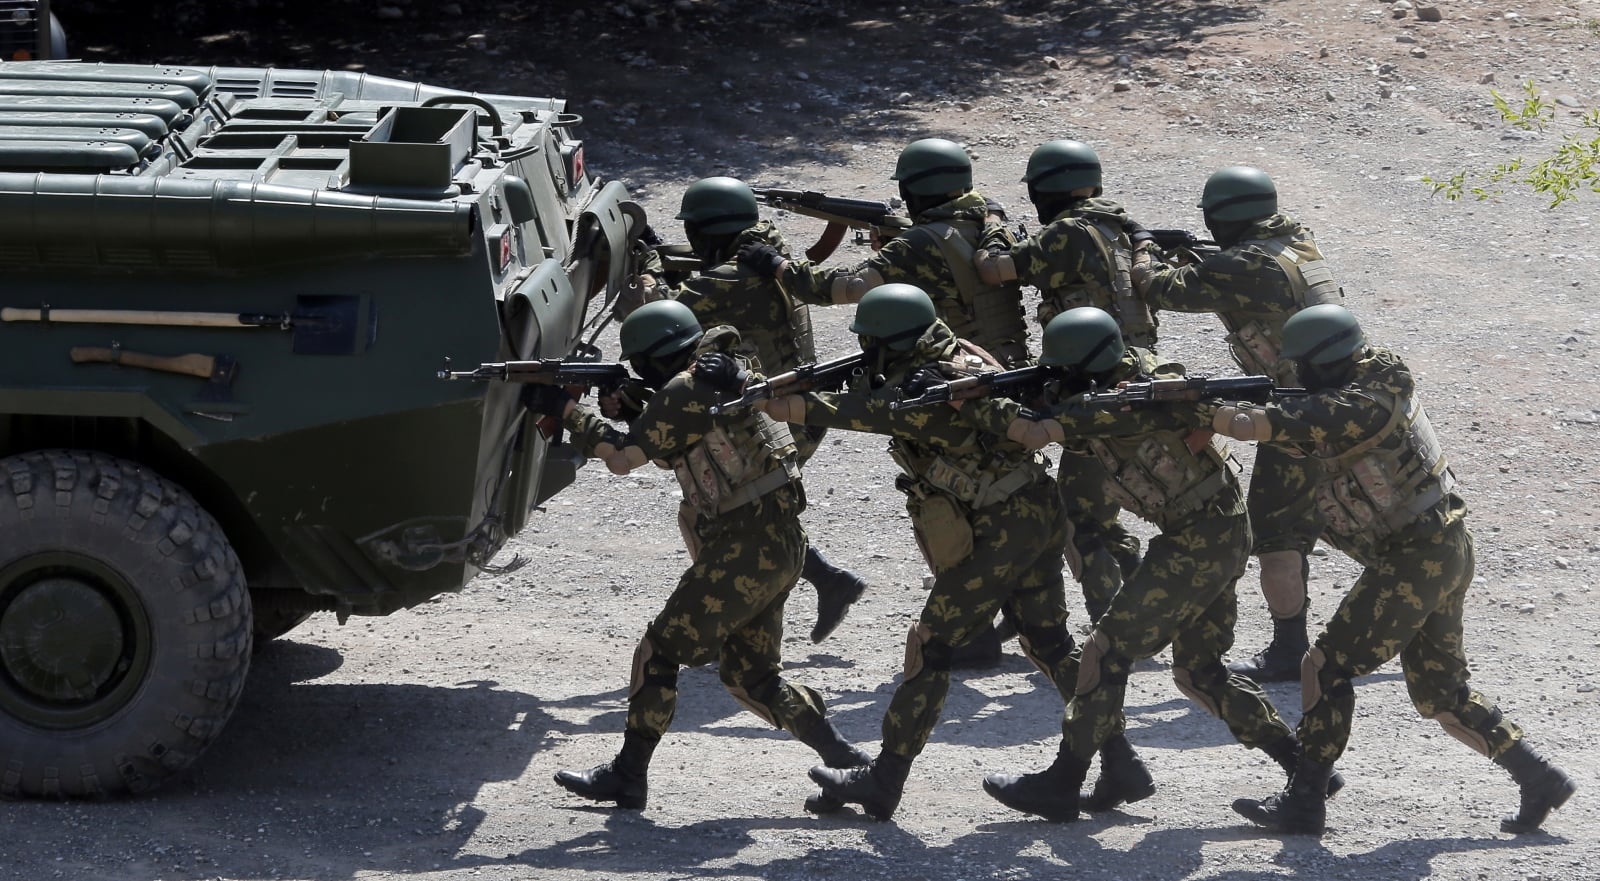 Militarne ćwiczenia w Kirgistanie fot. EPA/IGOR KOVALENKO Dostawca: PAP/EPA.